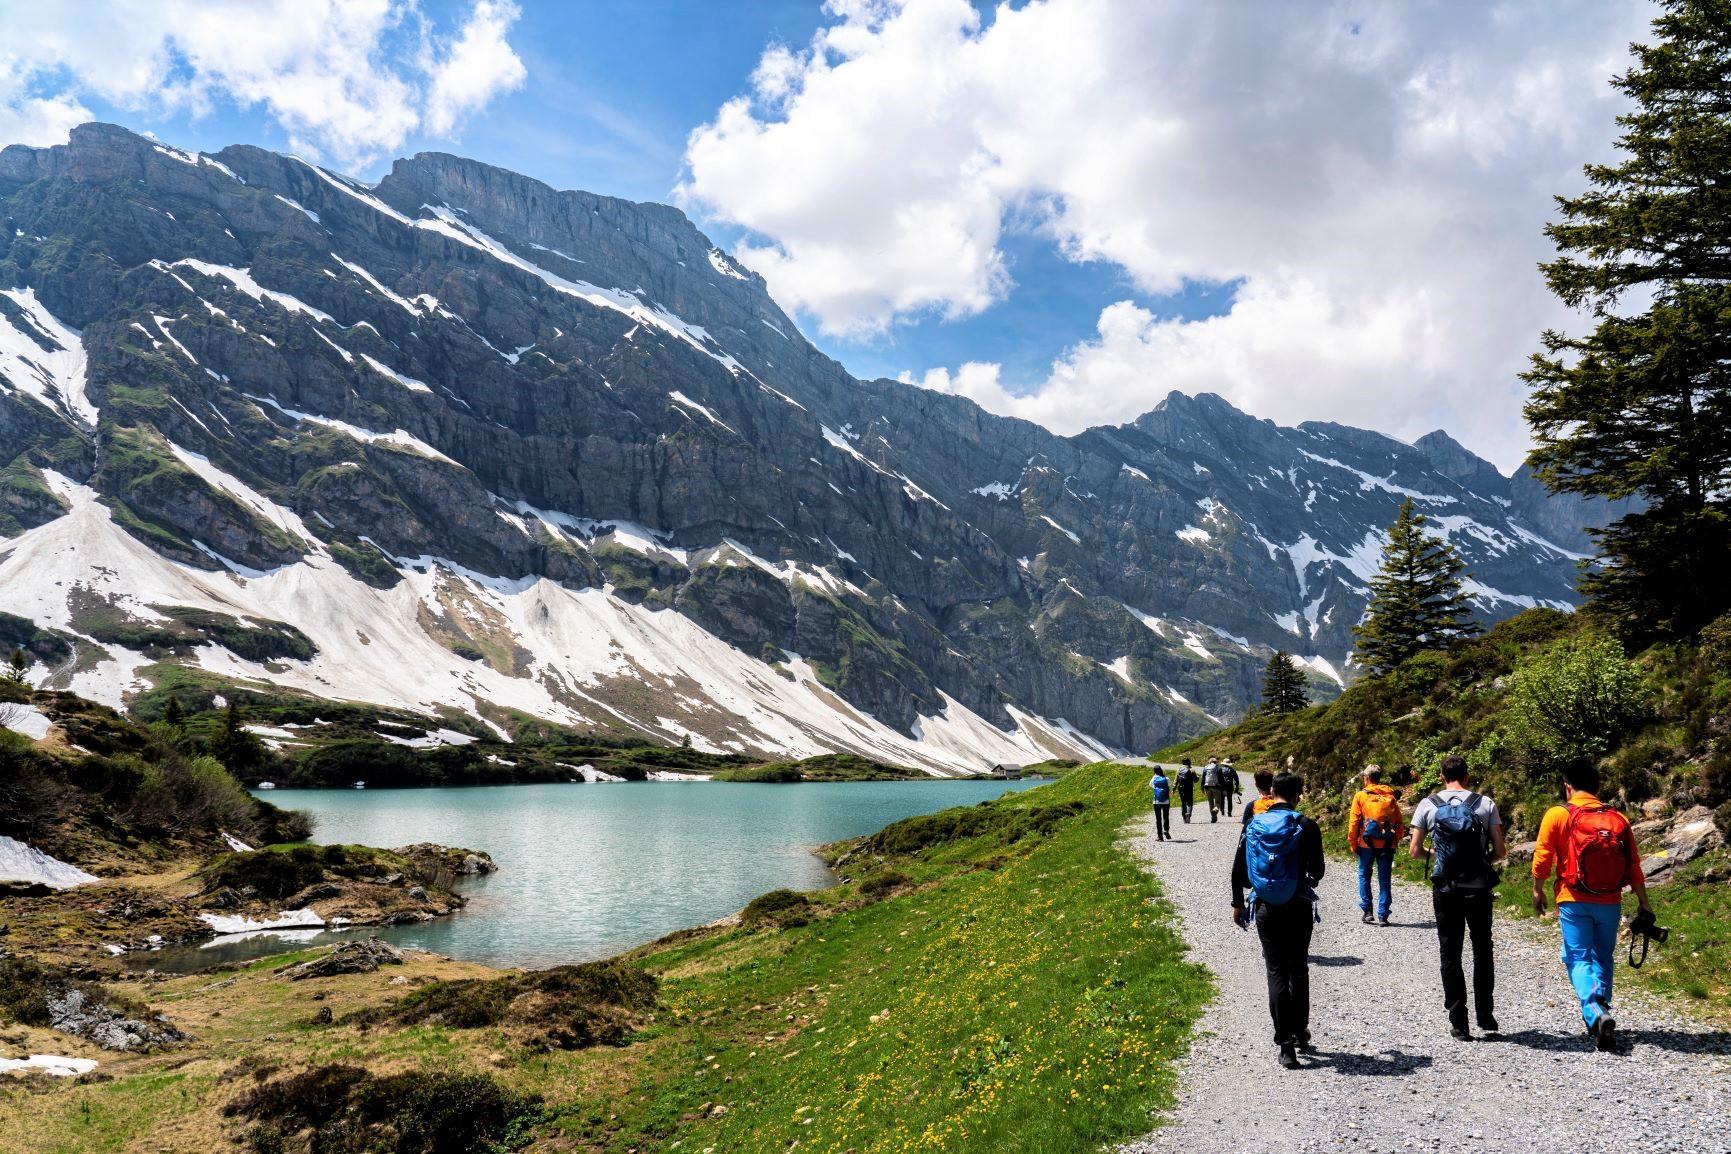 ゆったり歩くヴィア・アルピナ・トレイルとスイスのリヴィエラ滞在 8日間